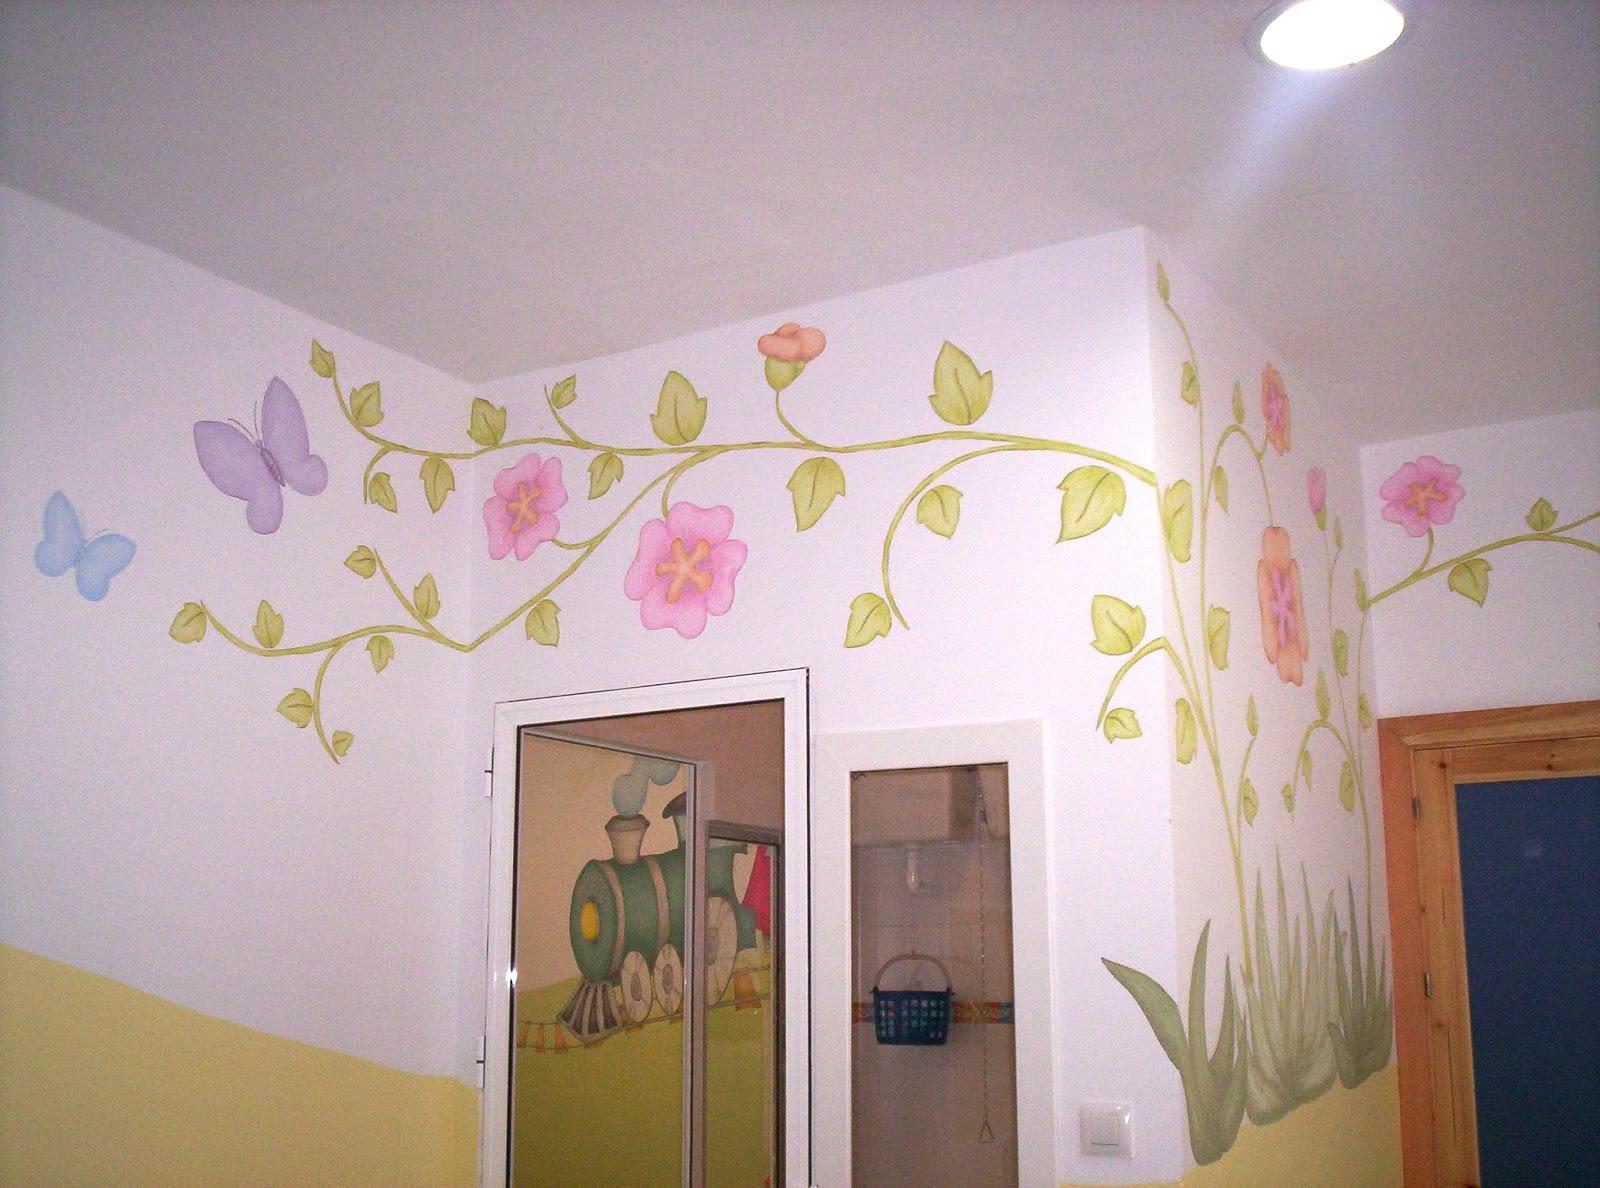 Murales infantiles pintados a mano 5 aula de ni os de 1 - Murales infantiles pintados a mano ...